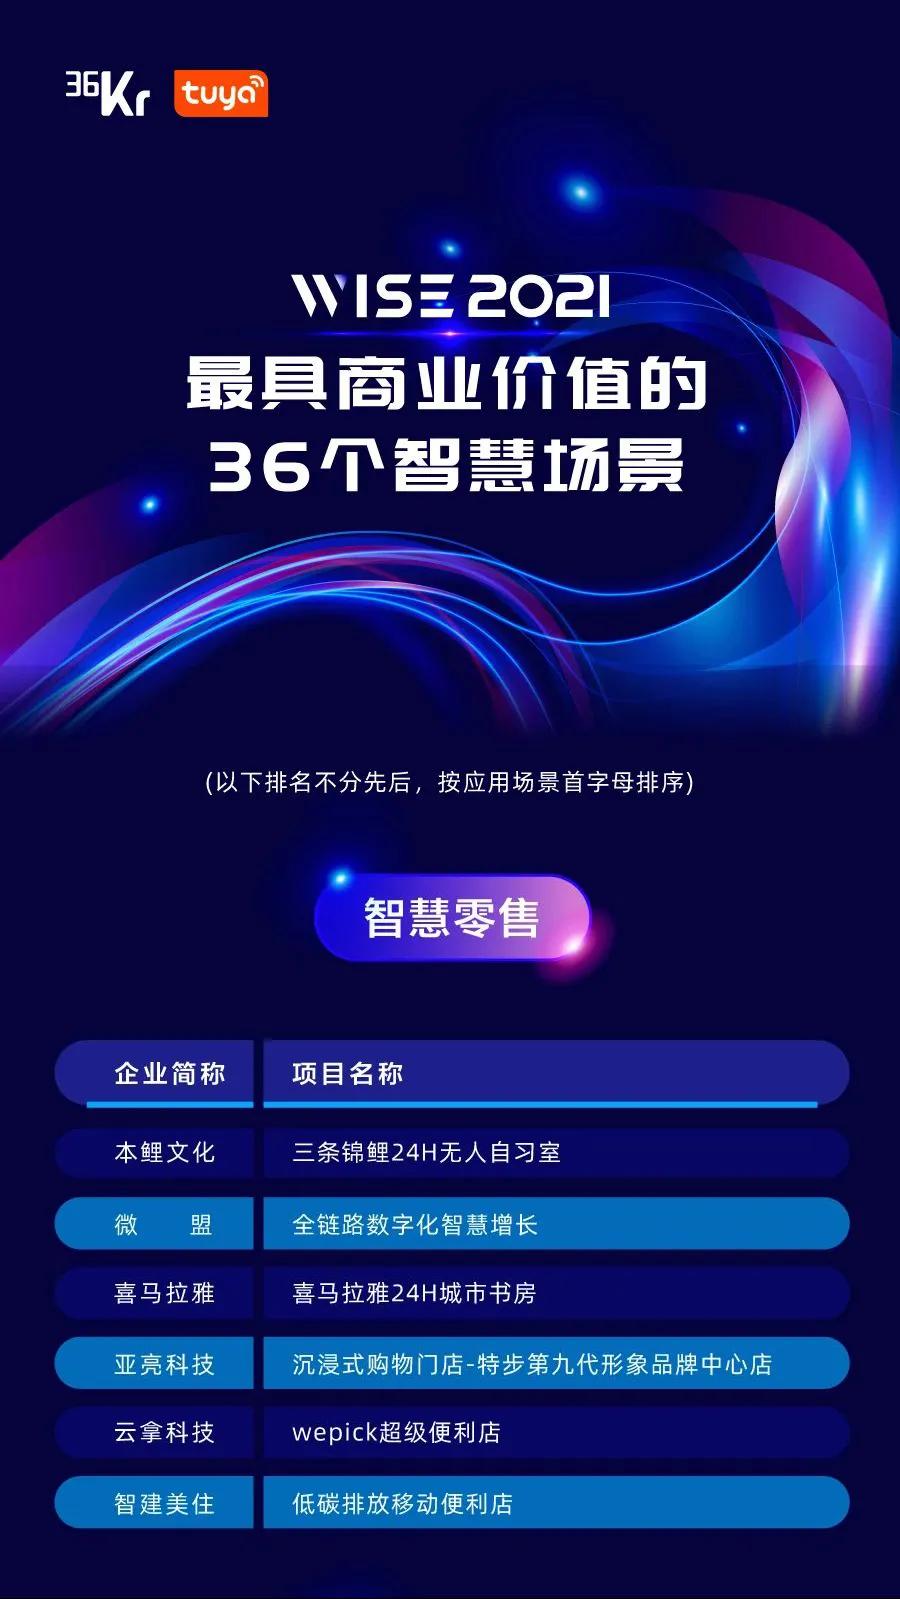 """云拿科技入选36氪""""WISE2021最具商业价值的36个智慧场景"""""""